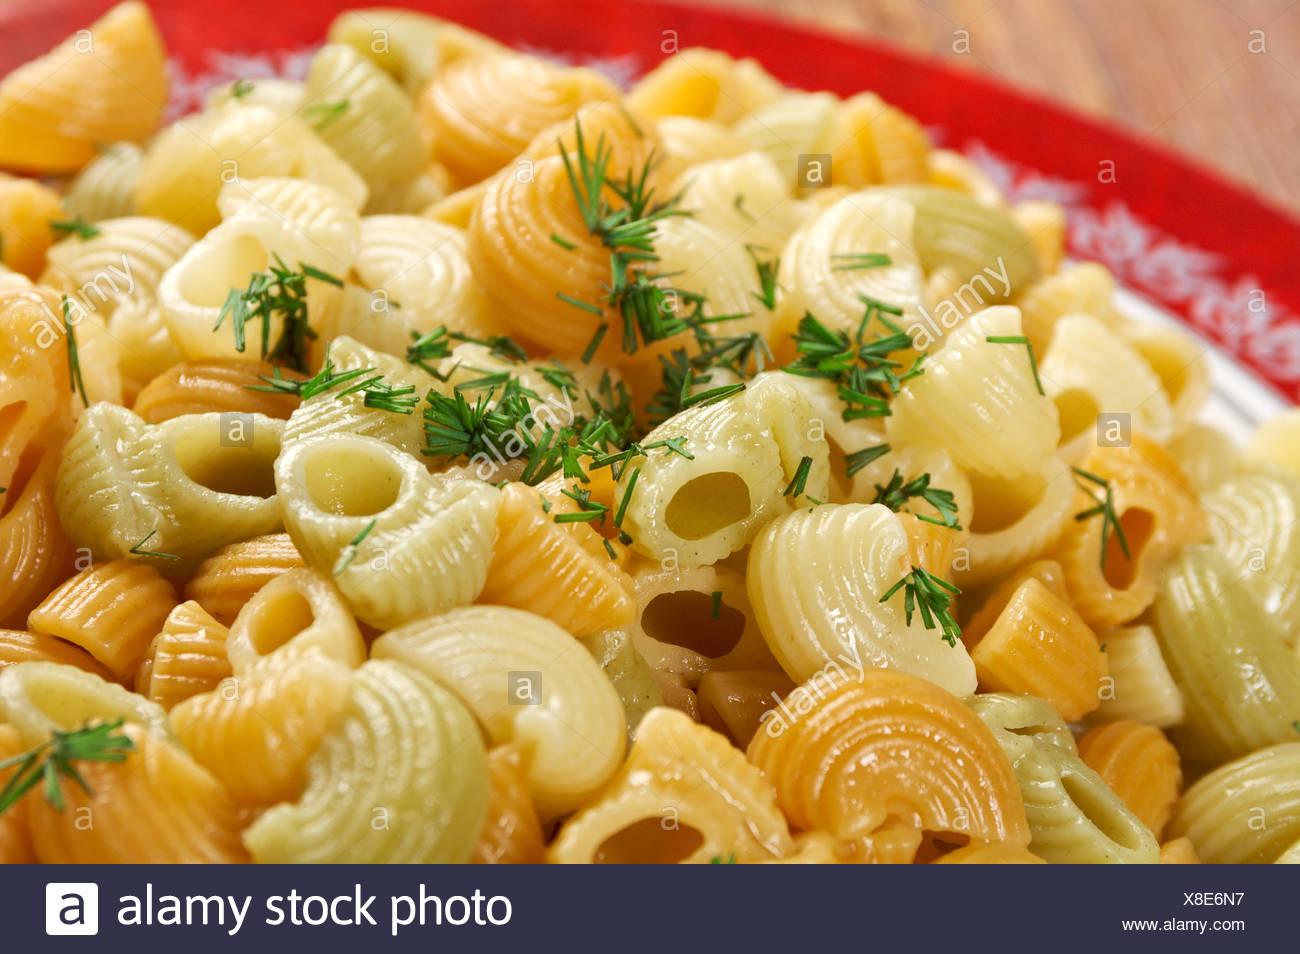 Colorful Italian conchiglie  pasta Stock Photo